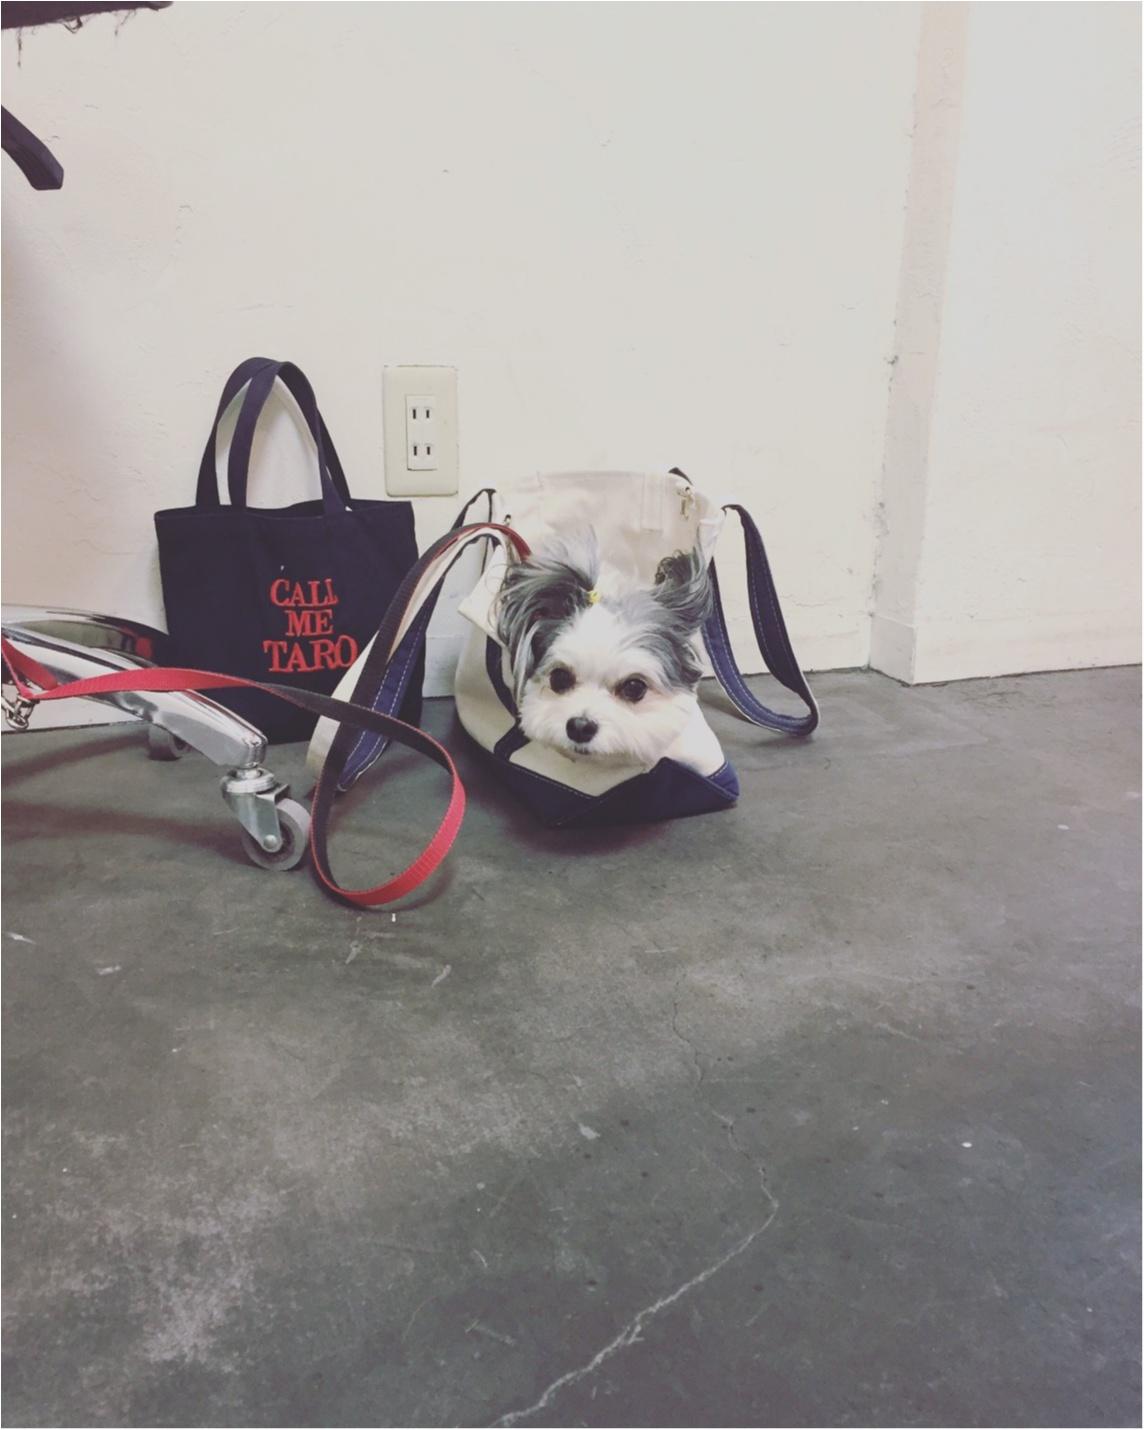 【今日のわんこ】すっぽり♡ 太郎くんはバッグの中で待機♪_1